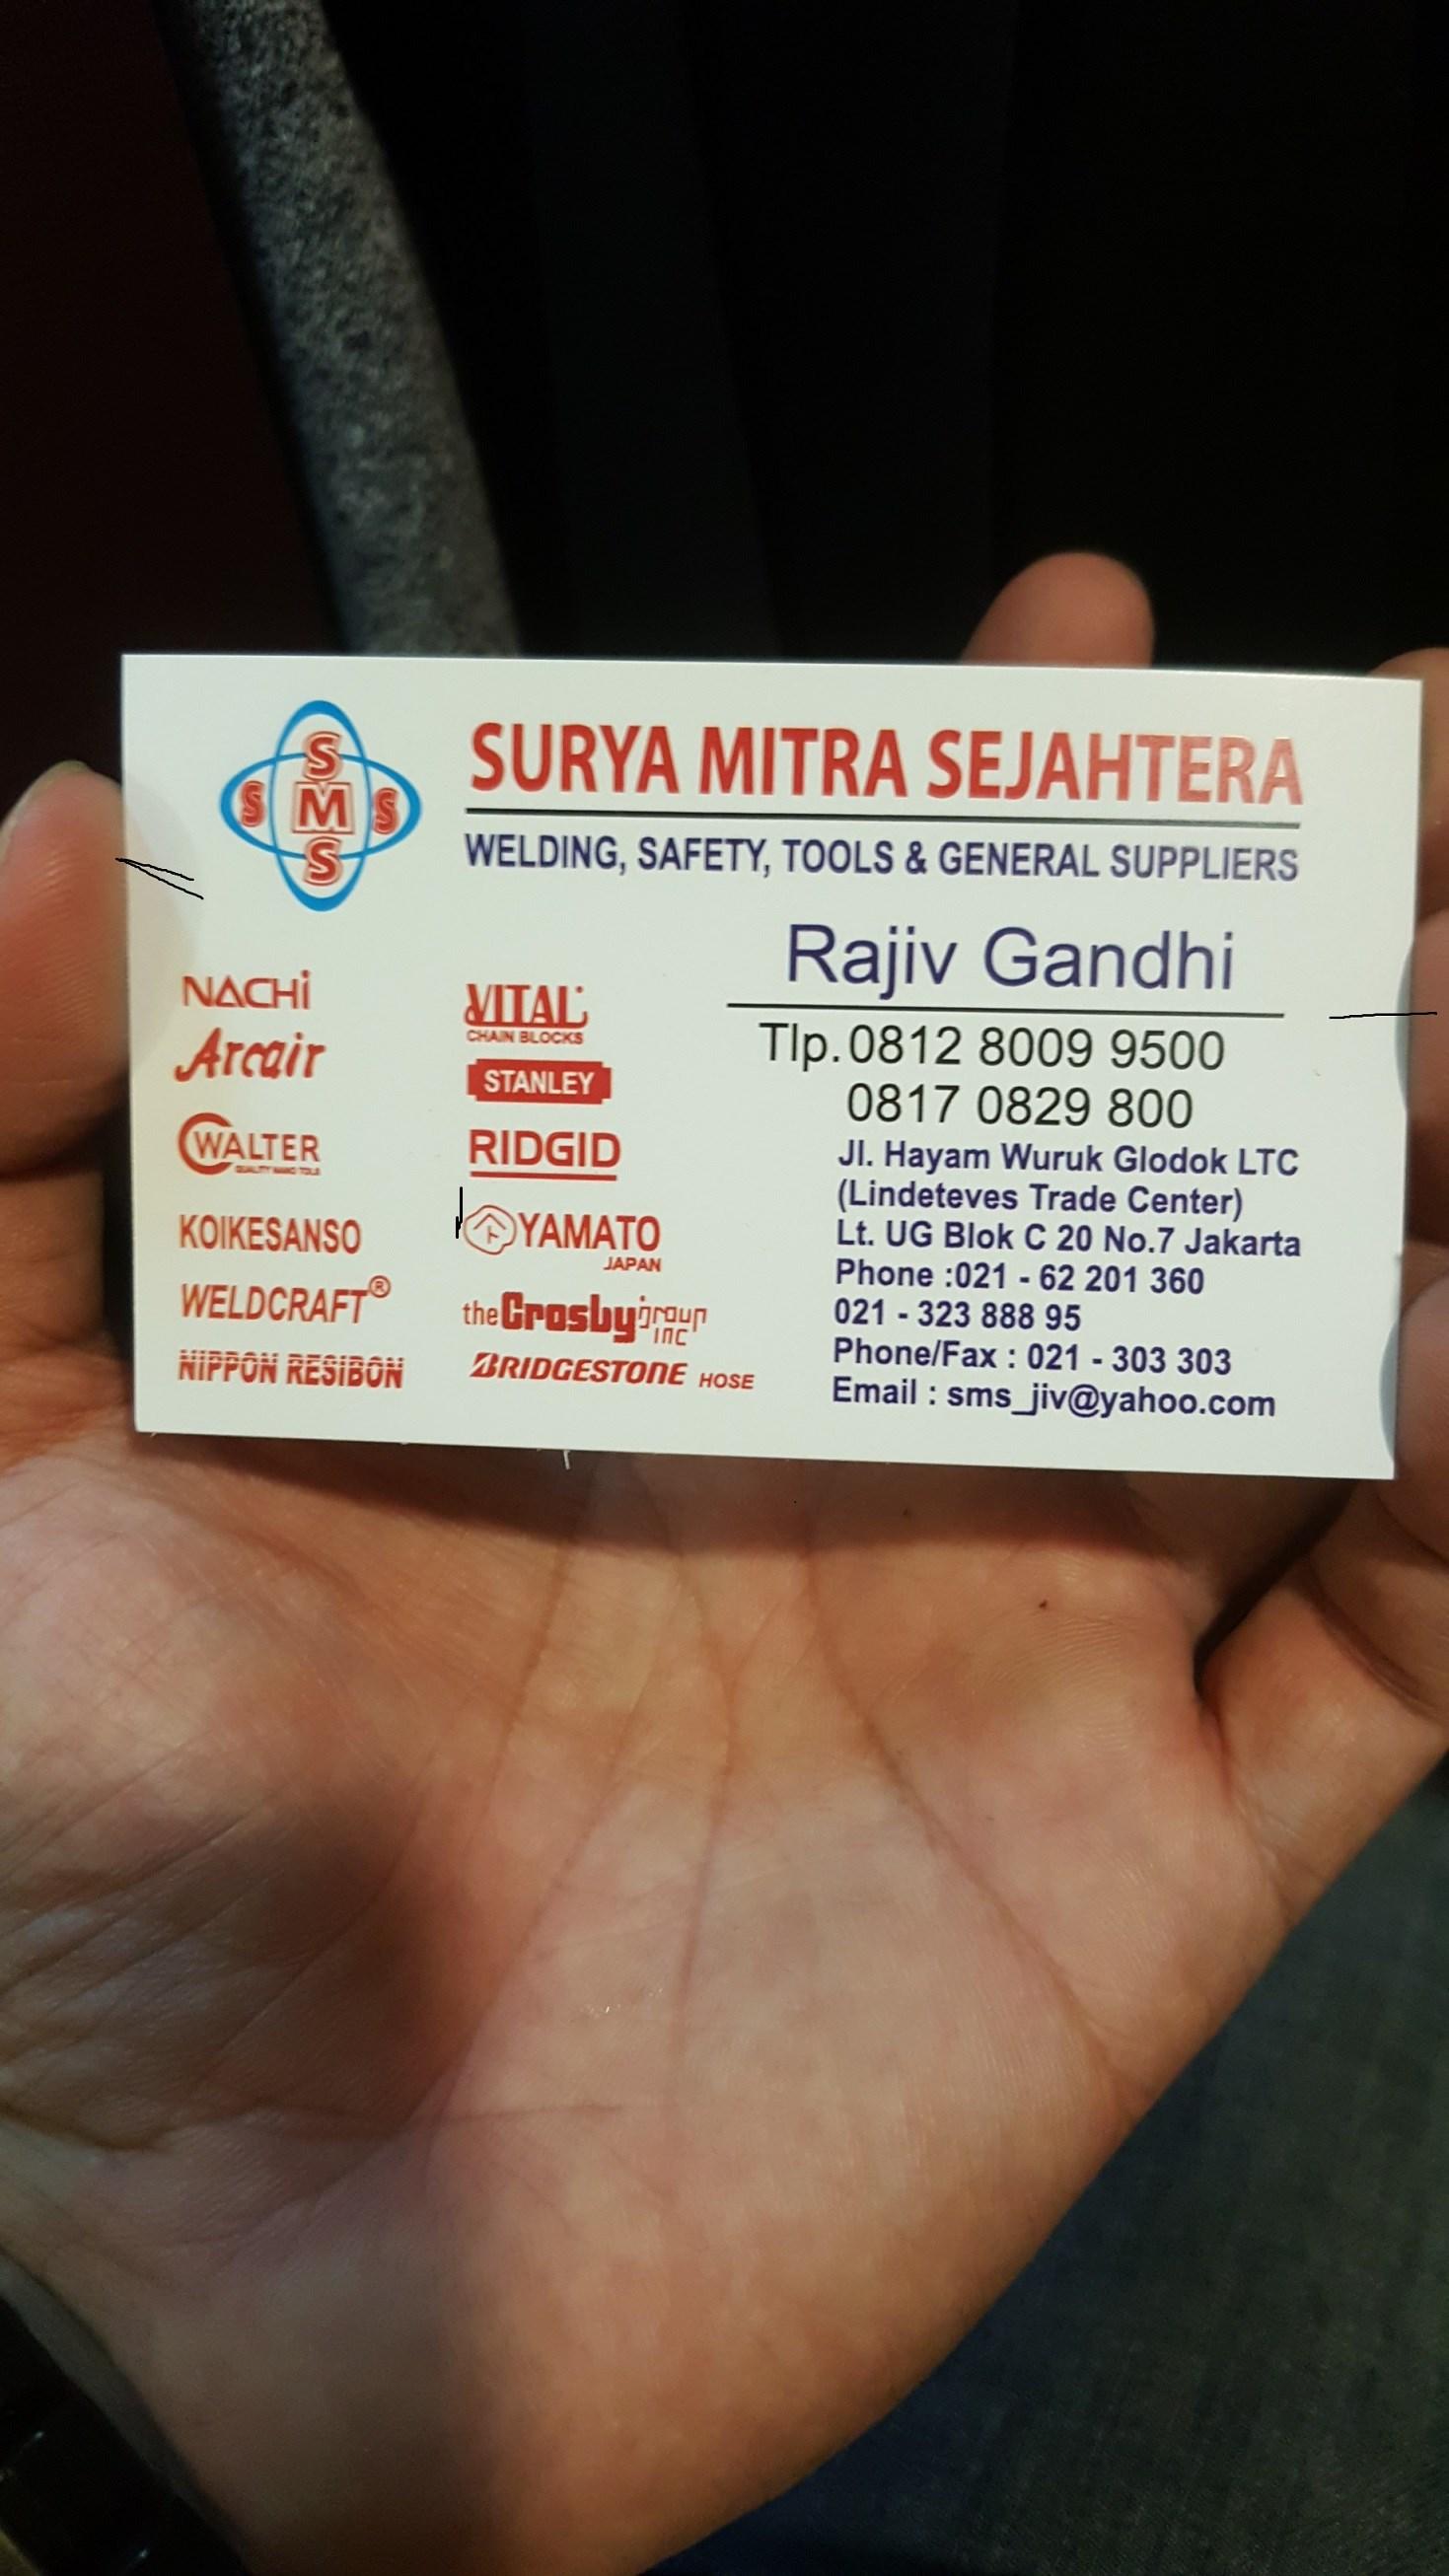 Surya Mitra Sejahtera